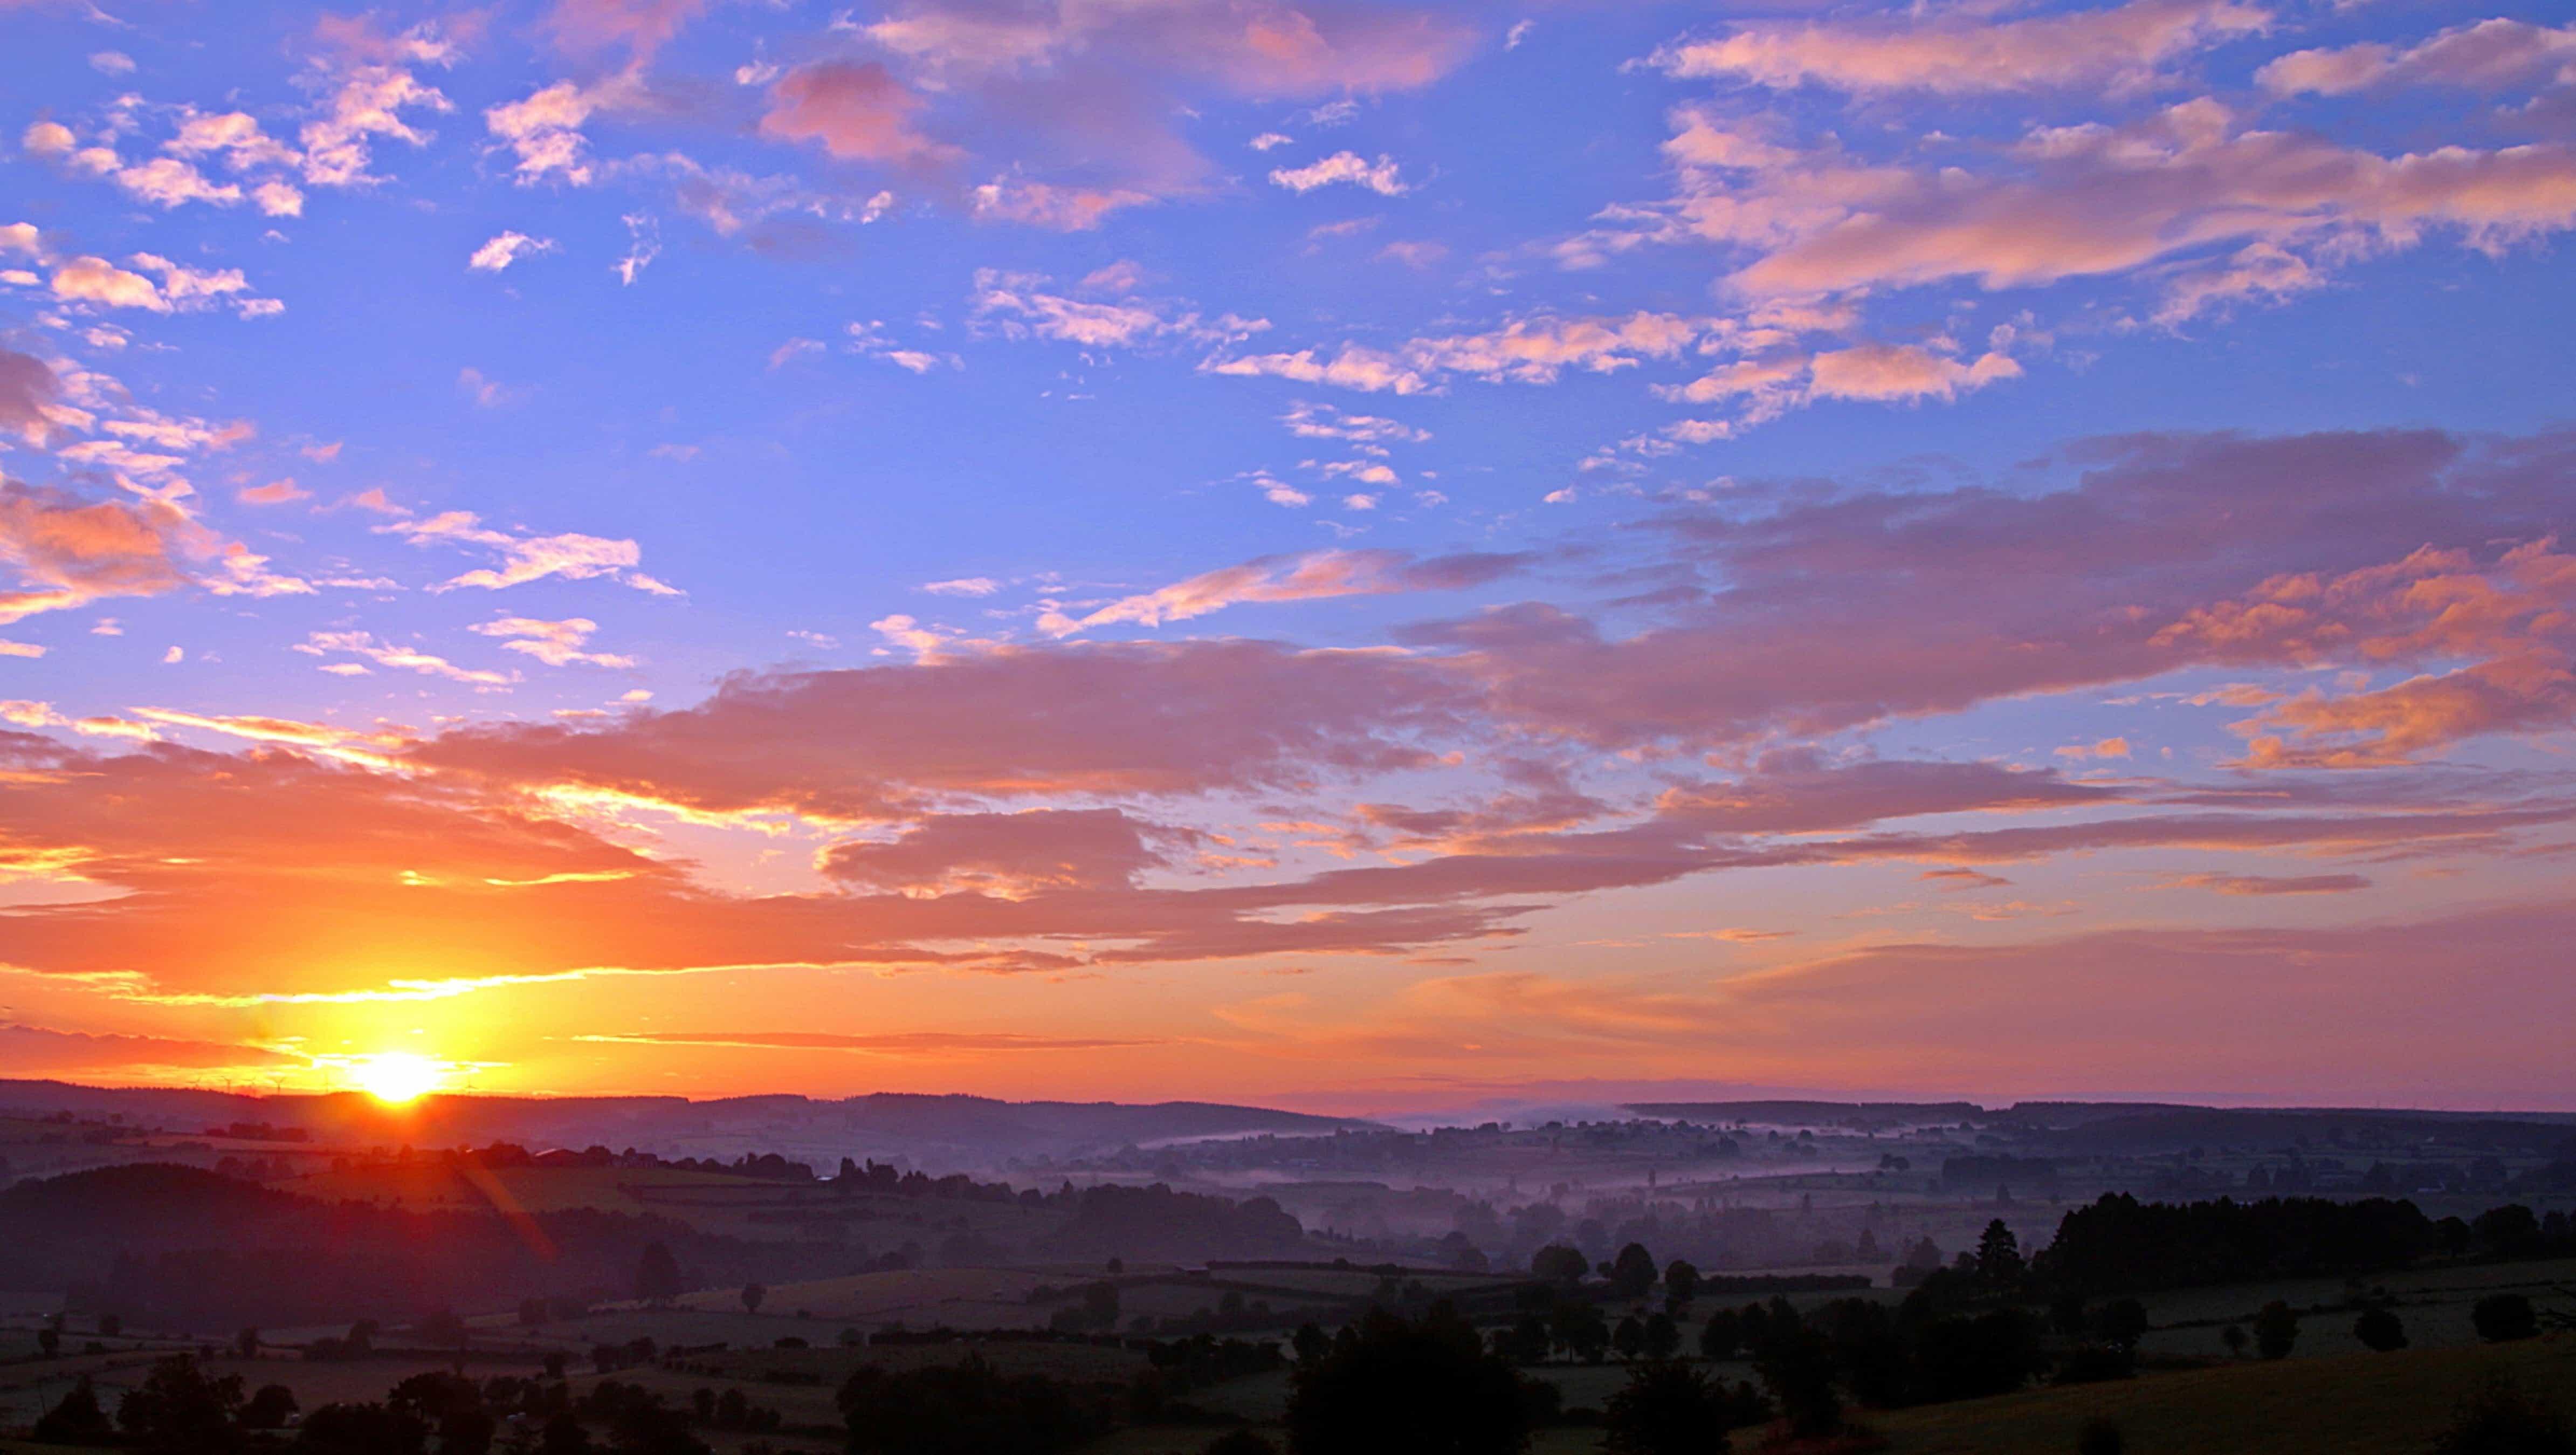 Kostenlose Bild: Sonnenaufgang, Silhouette, Schatten ...